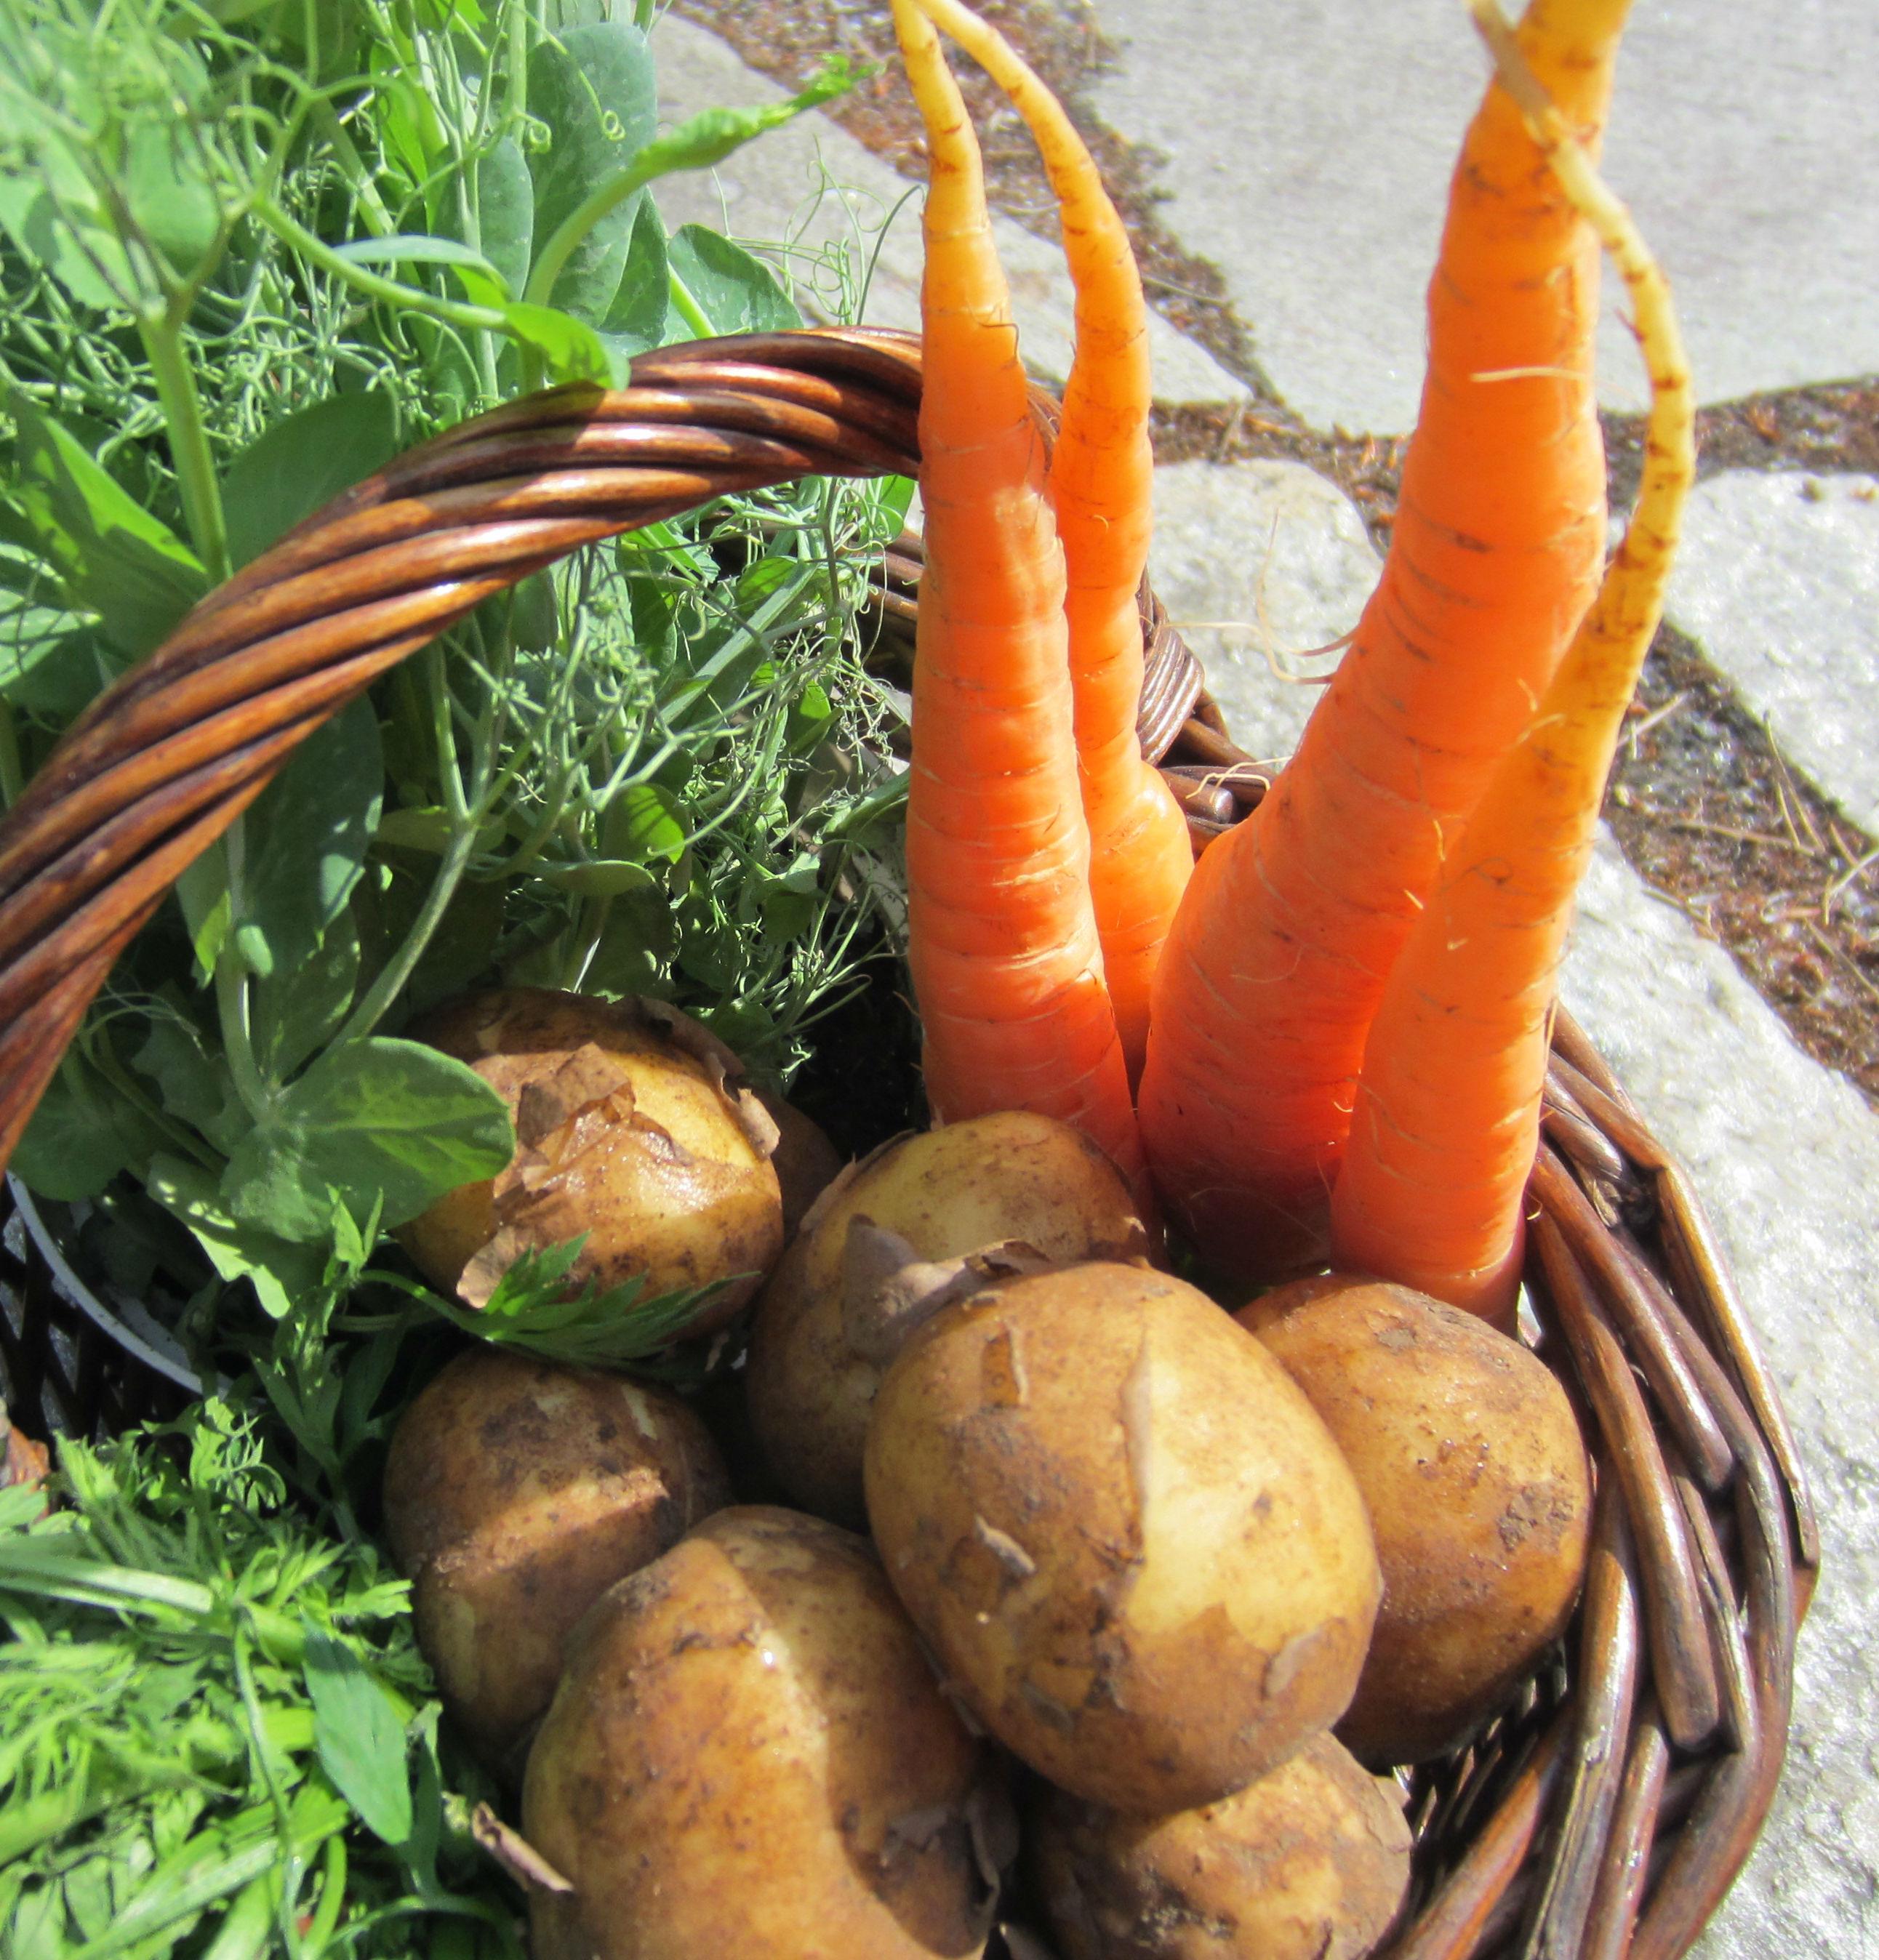 Kesällä pääroolin voi hyvin antaa uusille perunoille. Kuva: Terhi Pohjanheimo